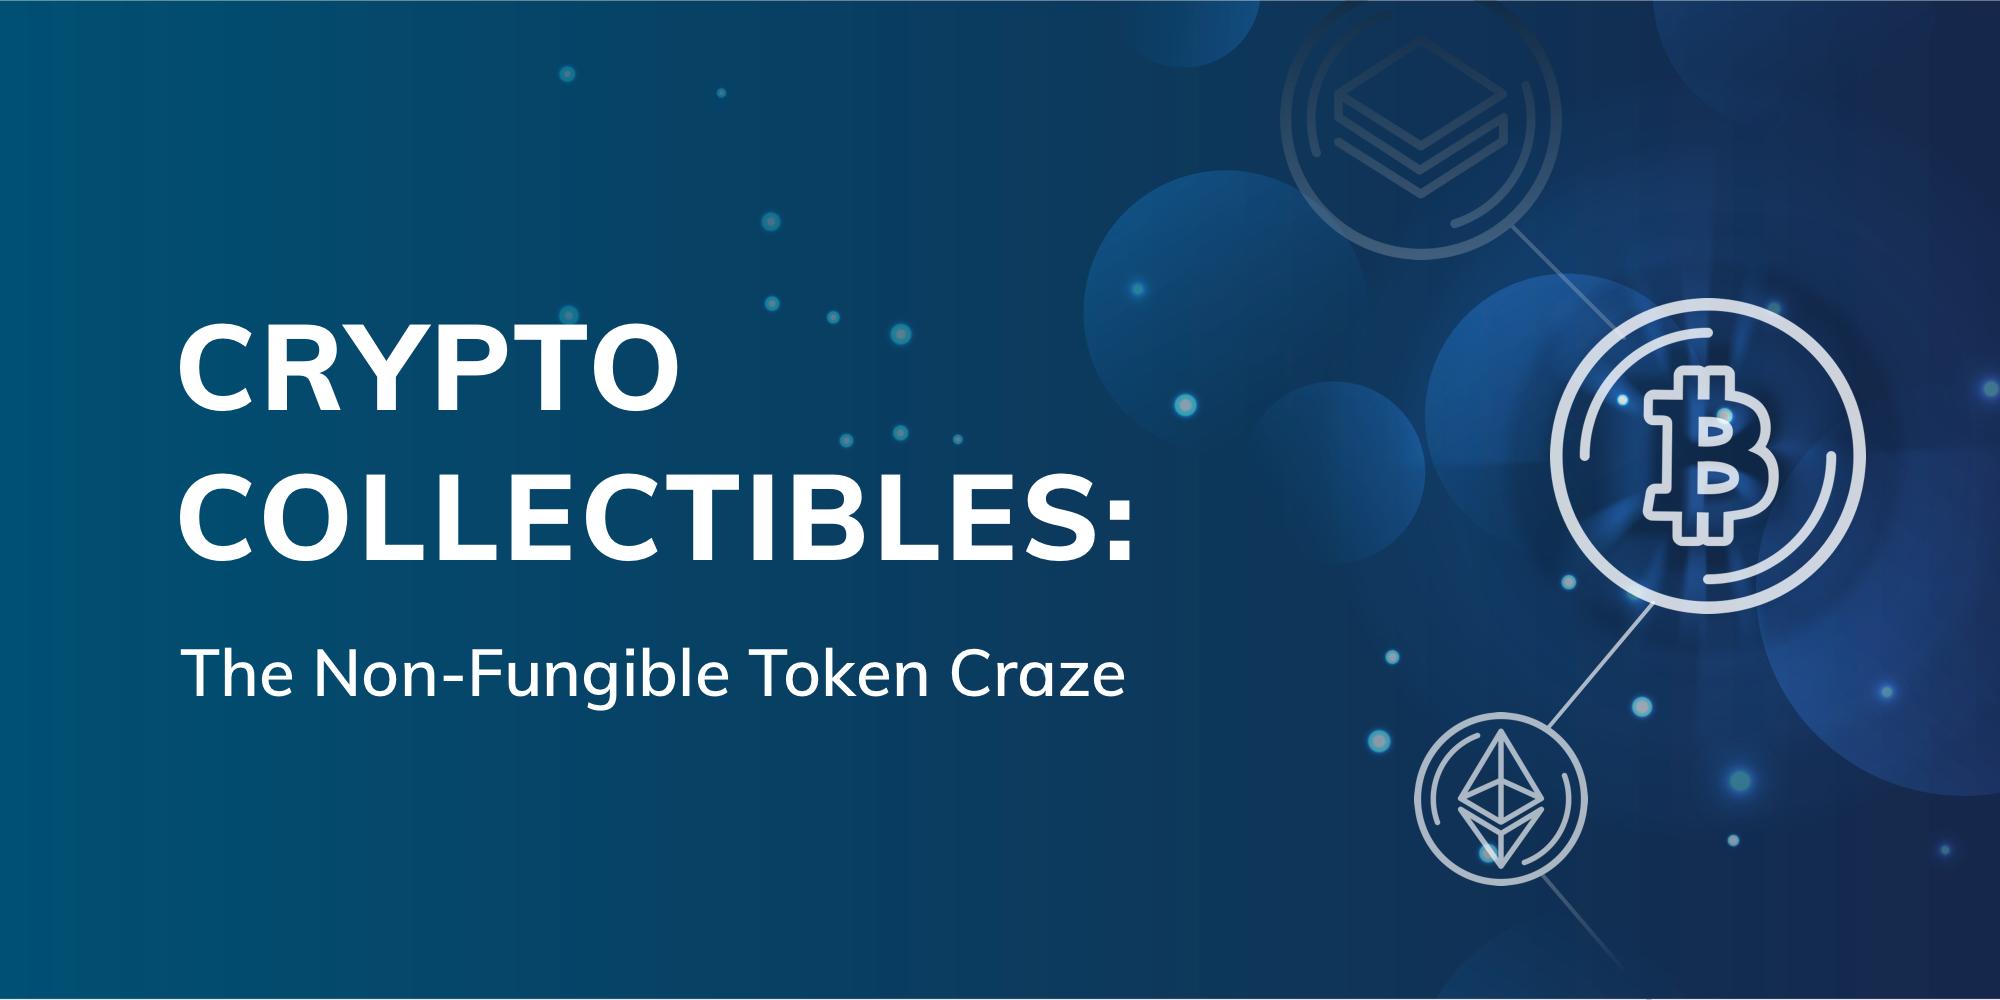 Crypto Collectibles: The Non-Fungible Token Craze